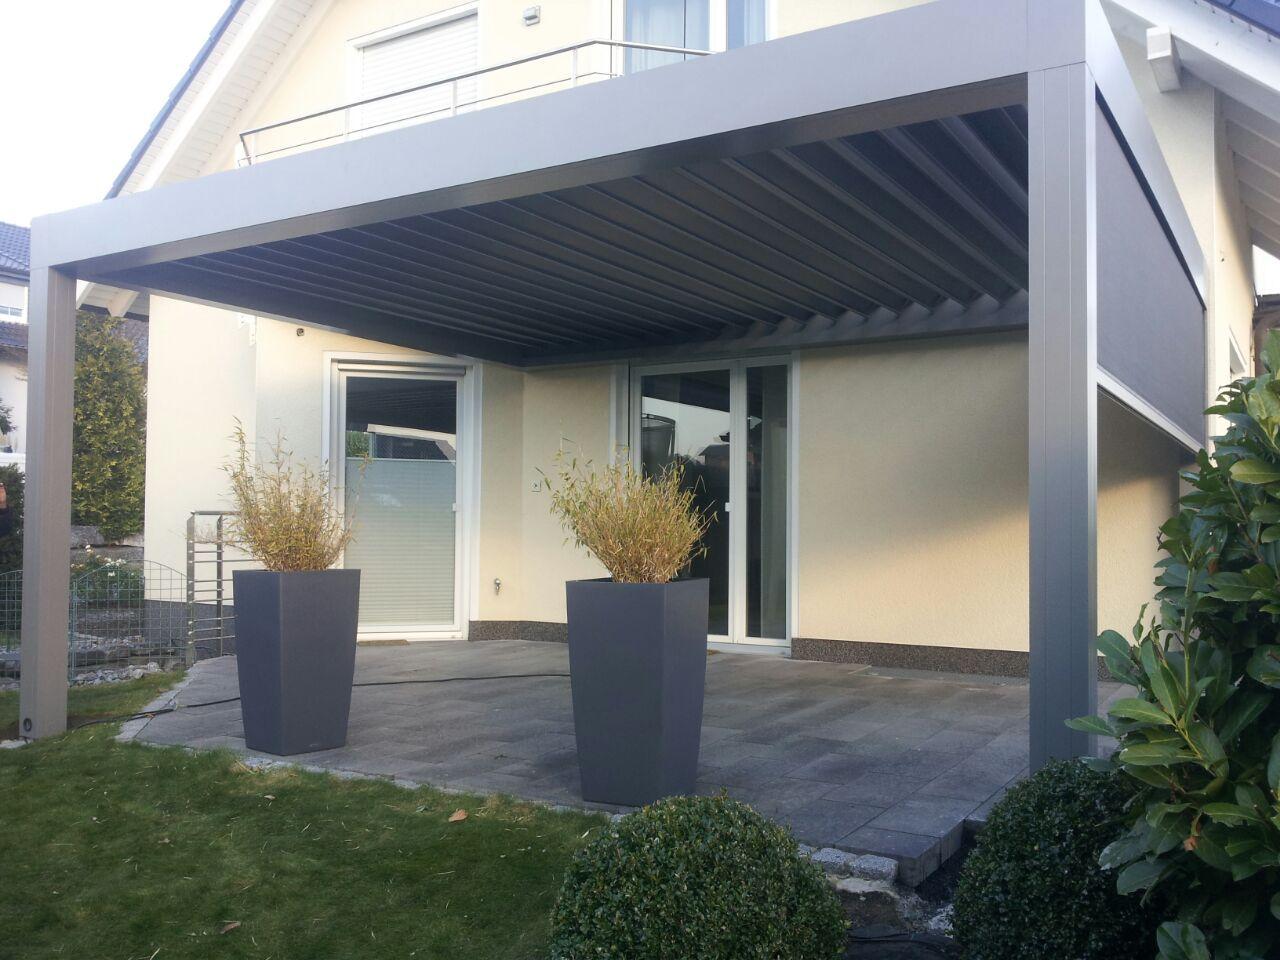 Terrassendach Camargue Mit Seitlichen Zip Marisen Als Sonnen